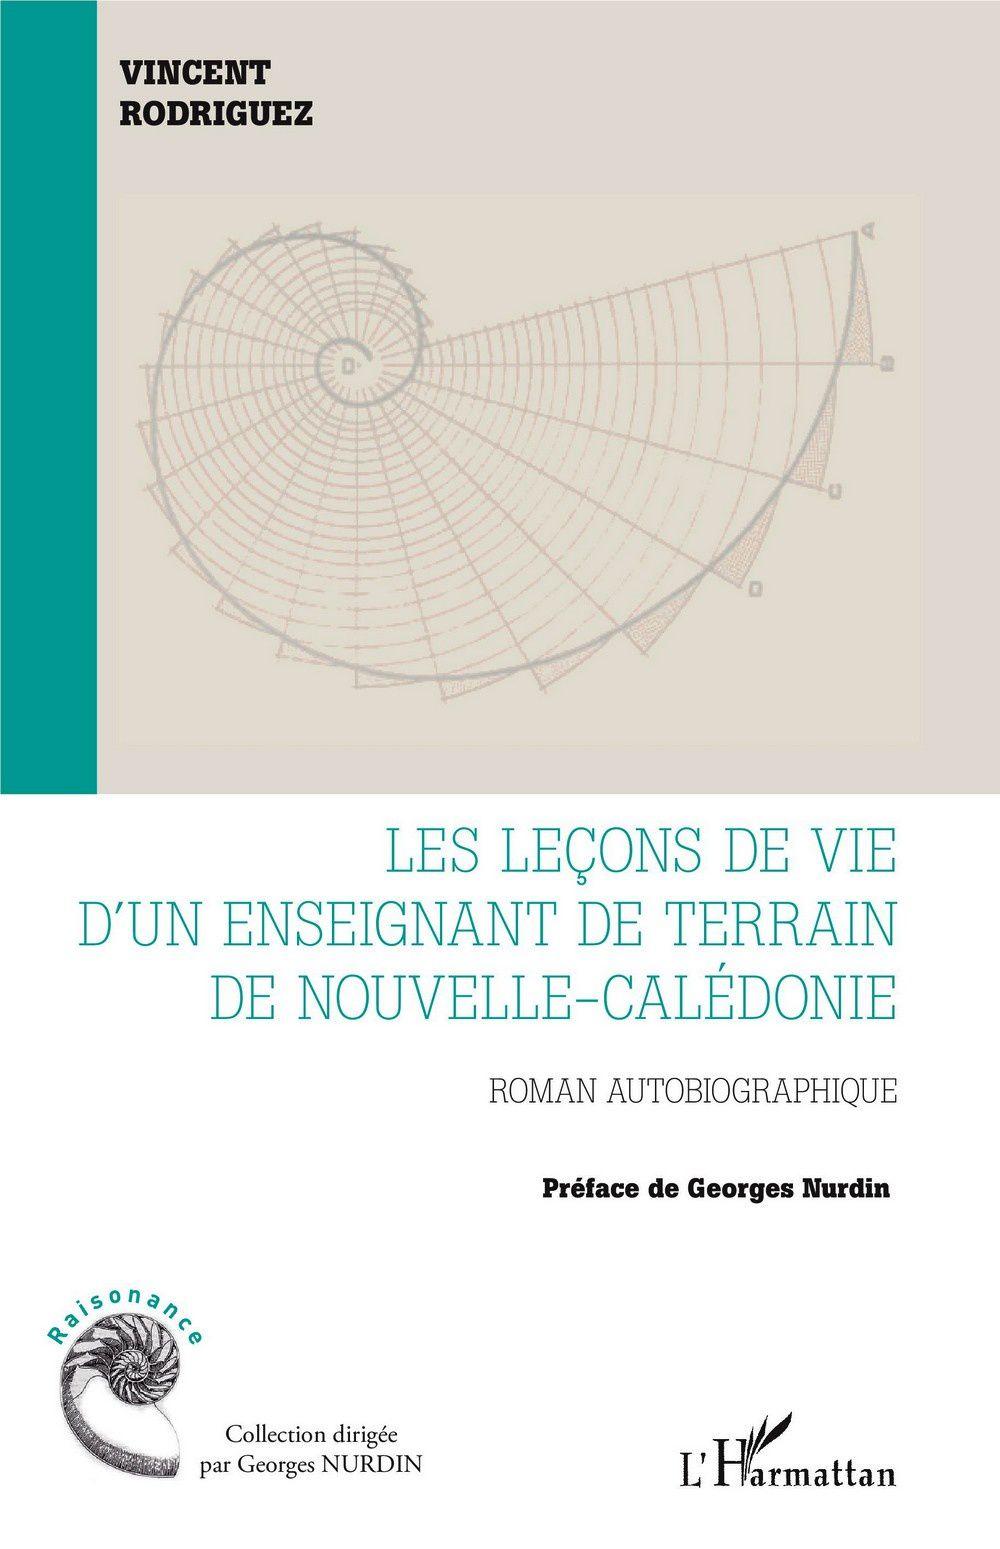 Nouveauté Roman autobiographique -Les leçons de vie d'un enseignant de terrain de nouvelle-calédonie- de Vincent Rodriguez